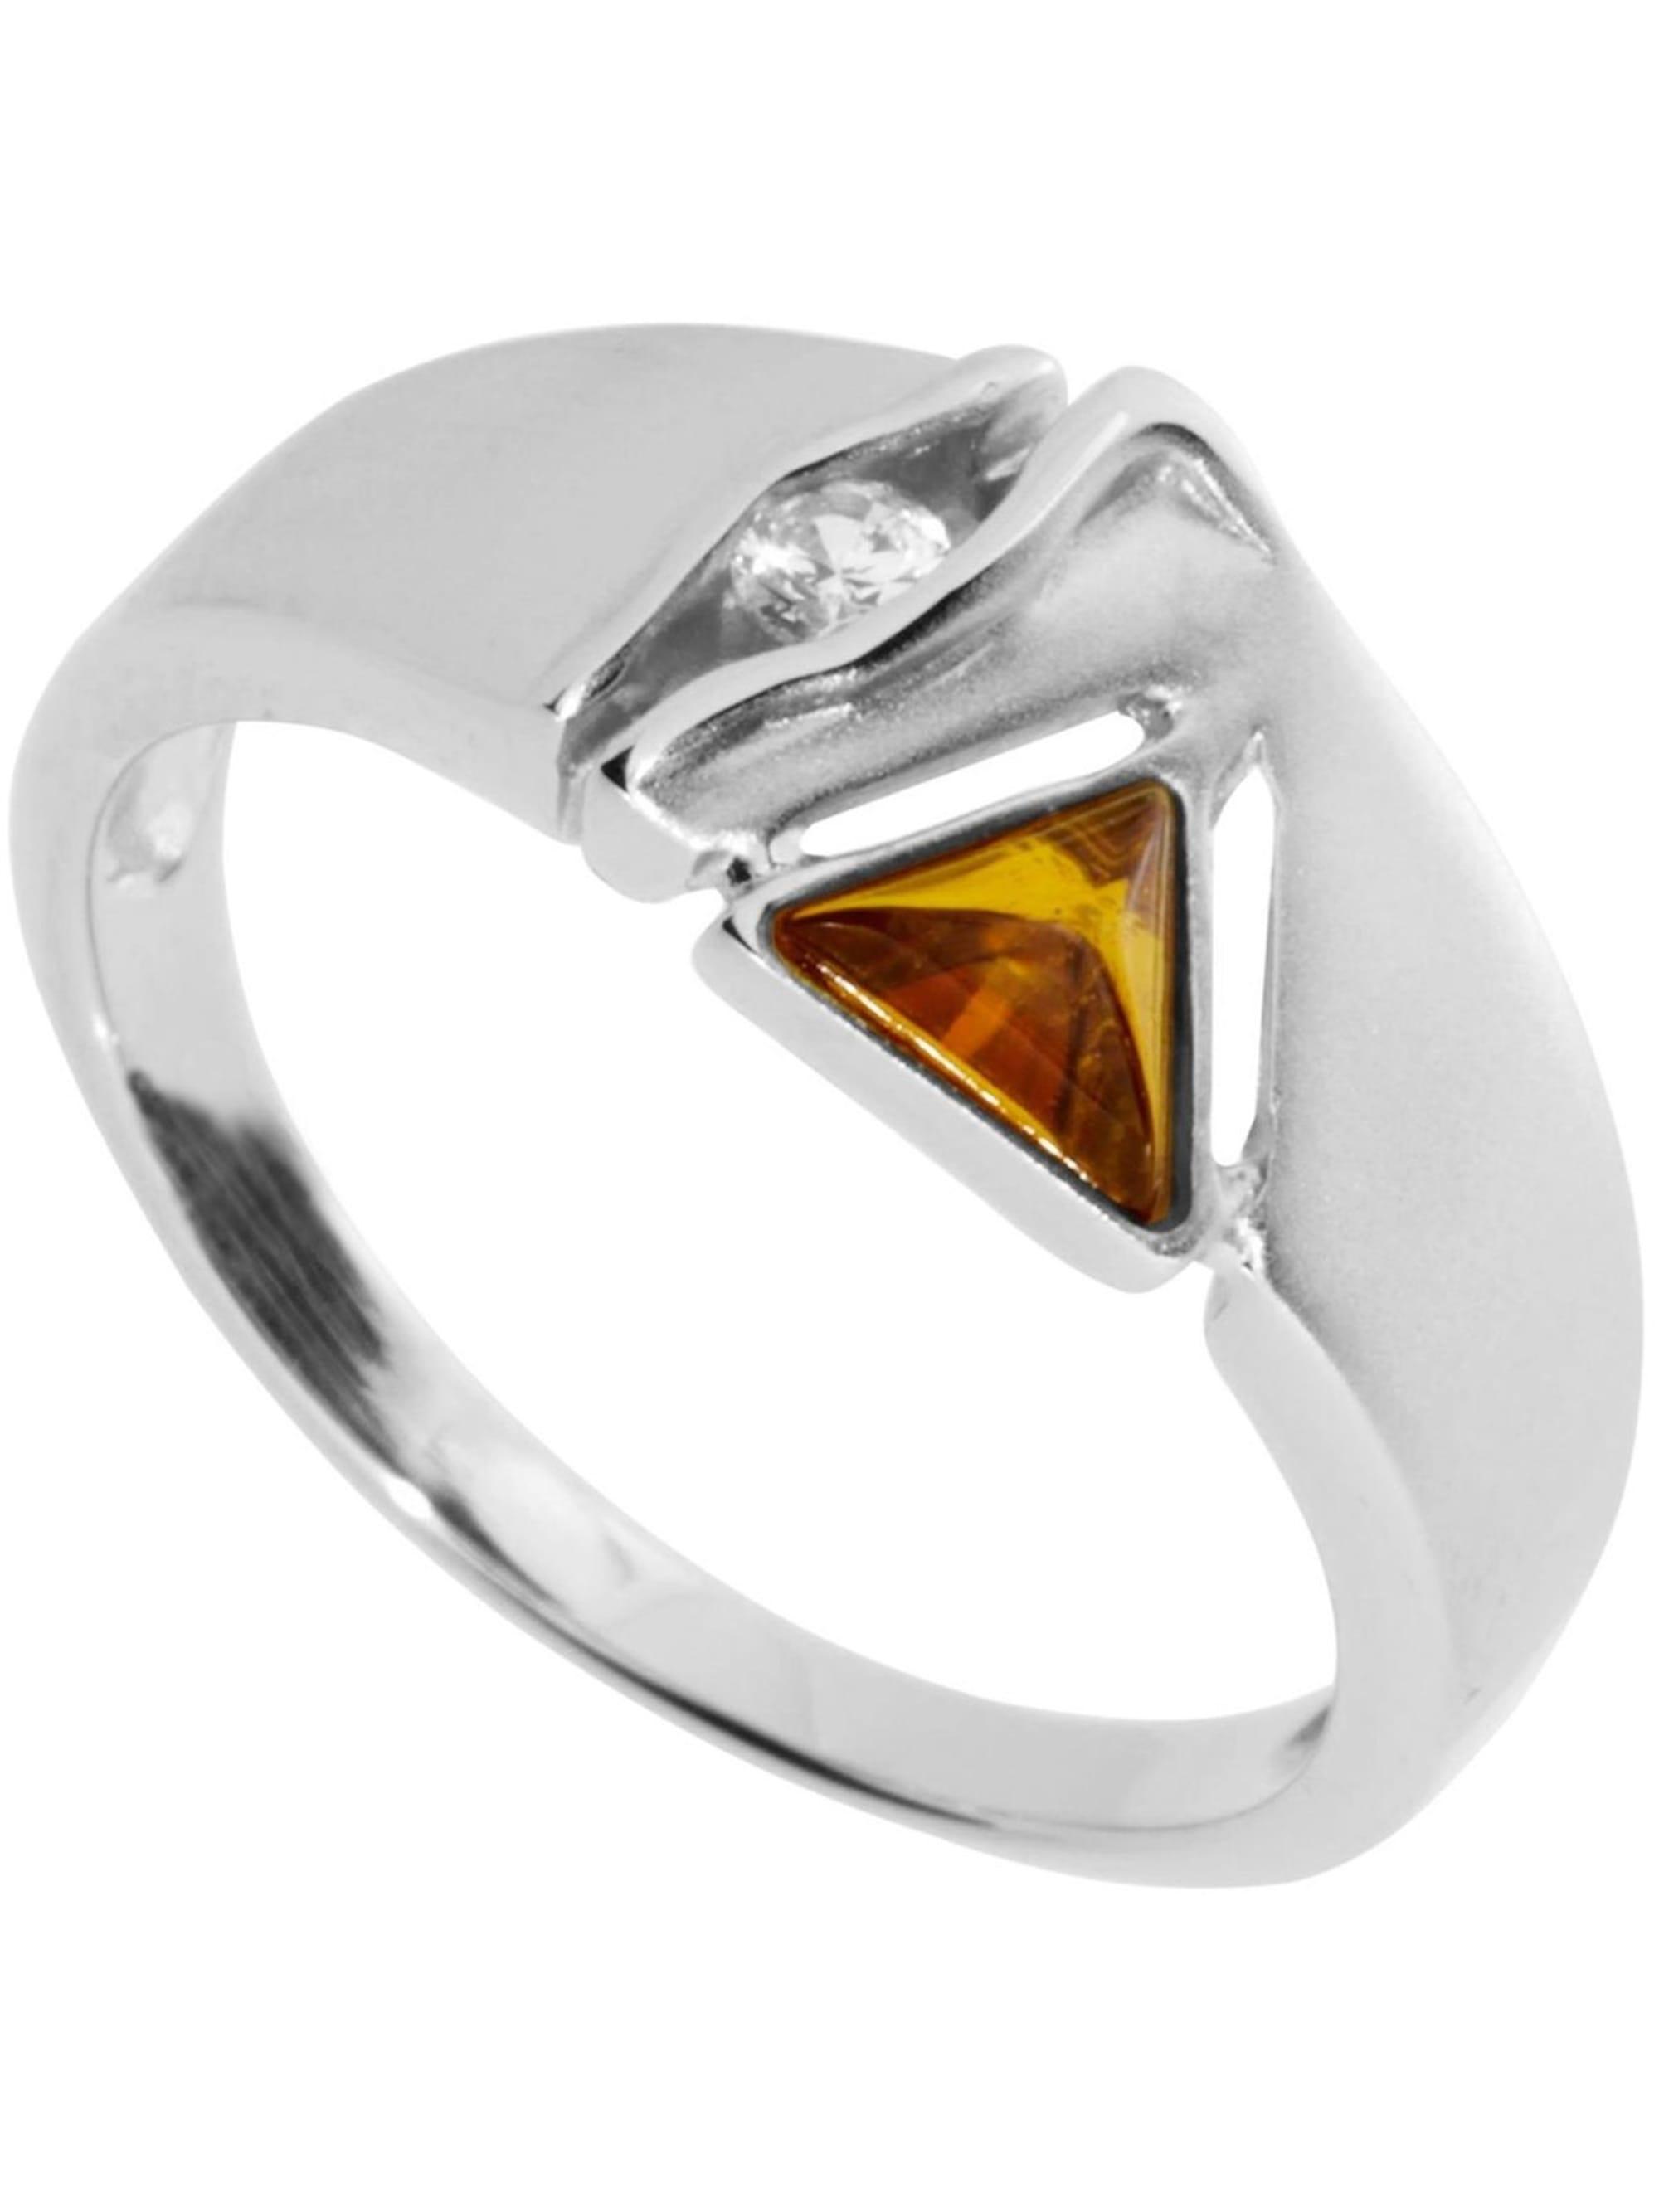 OSTSEE-SCHMUCK Ring Benita Silber 925/000 Bernstein HpBdv